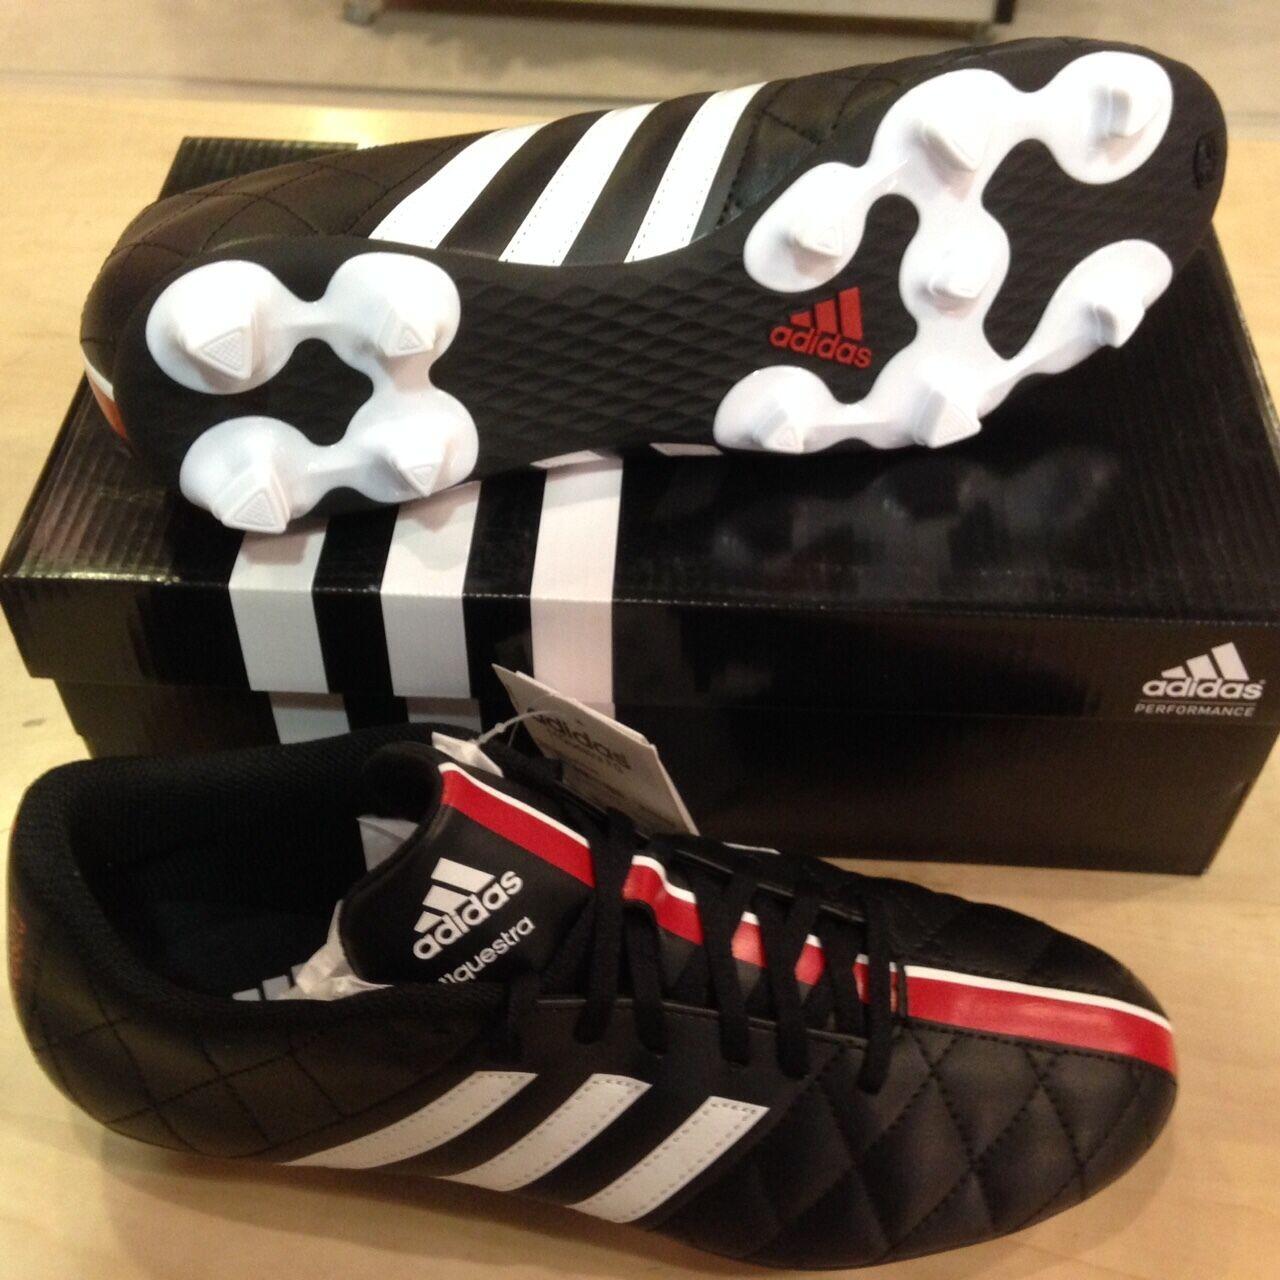 Adidas Fußballschuhe 11 Questra TRX FG B36032 B36032 B36032 Aktion 39 40 41 42 43 44 45 45 47 3bd63b